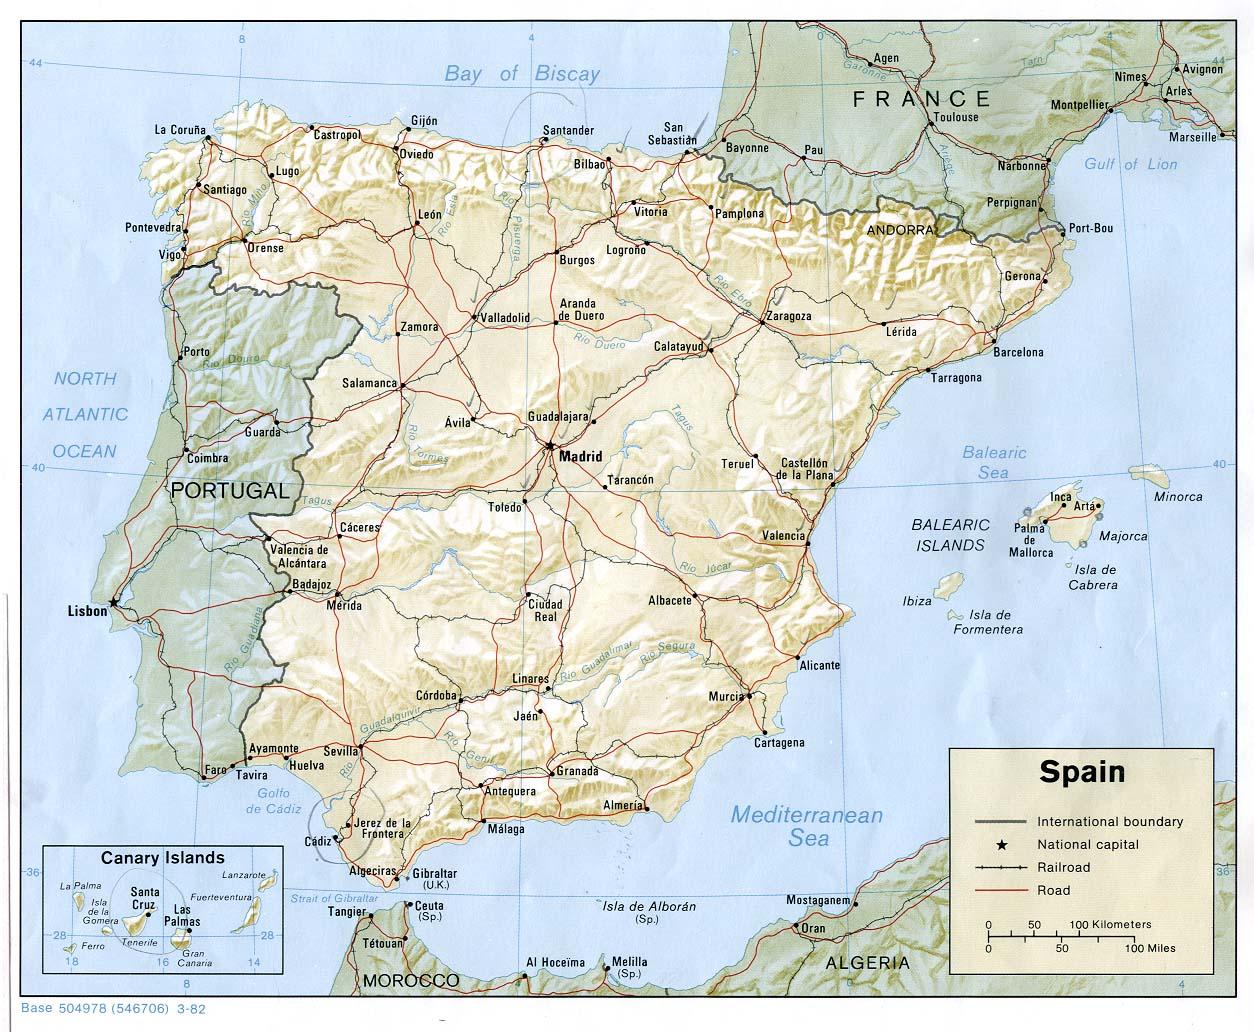 Mapa Politico de Espanha